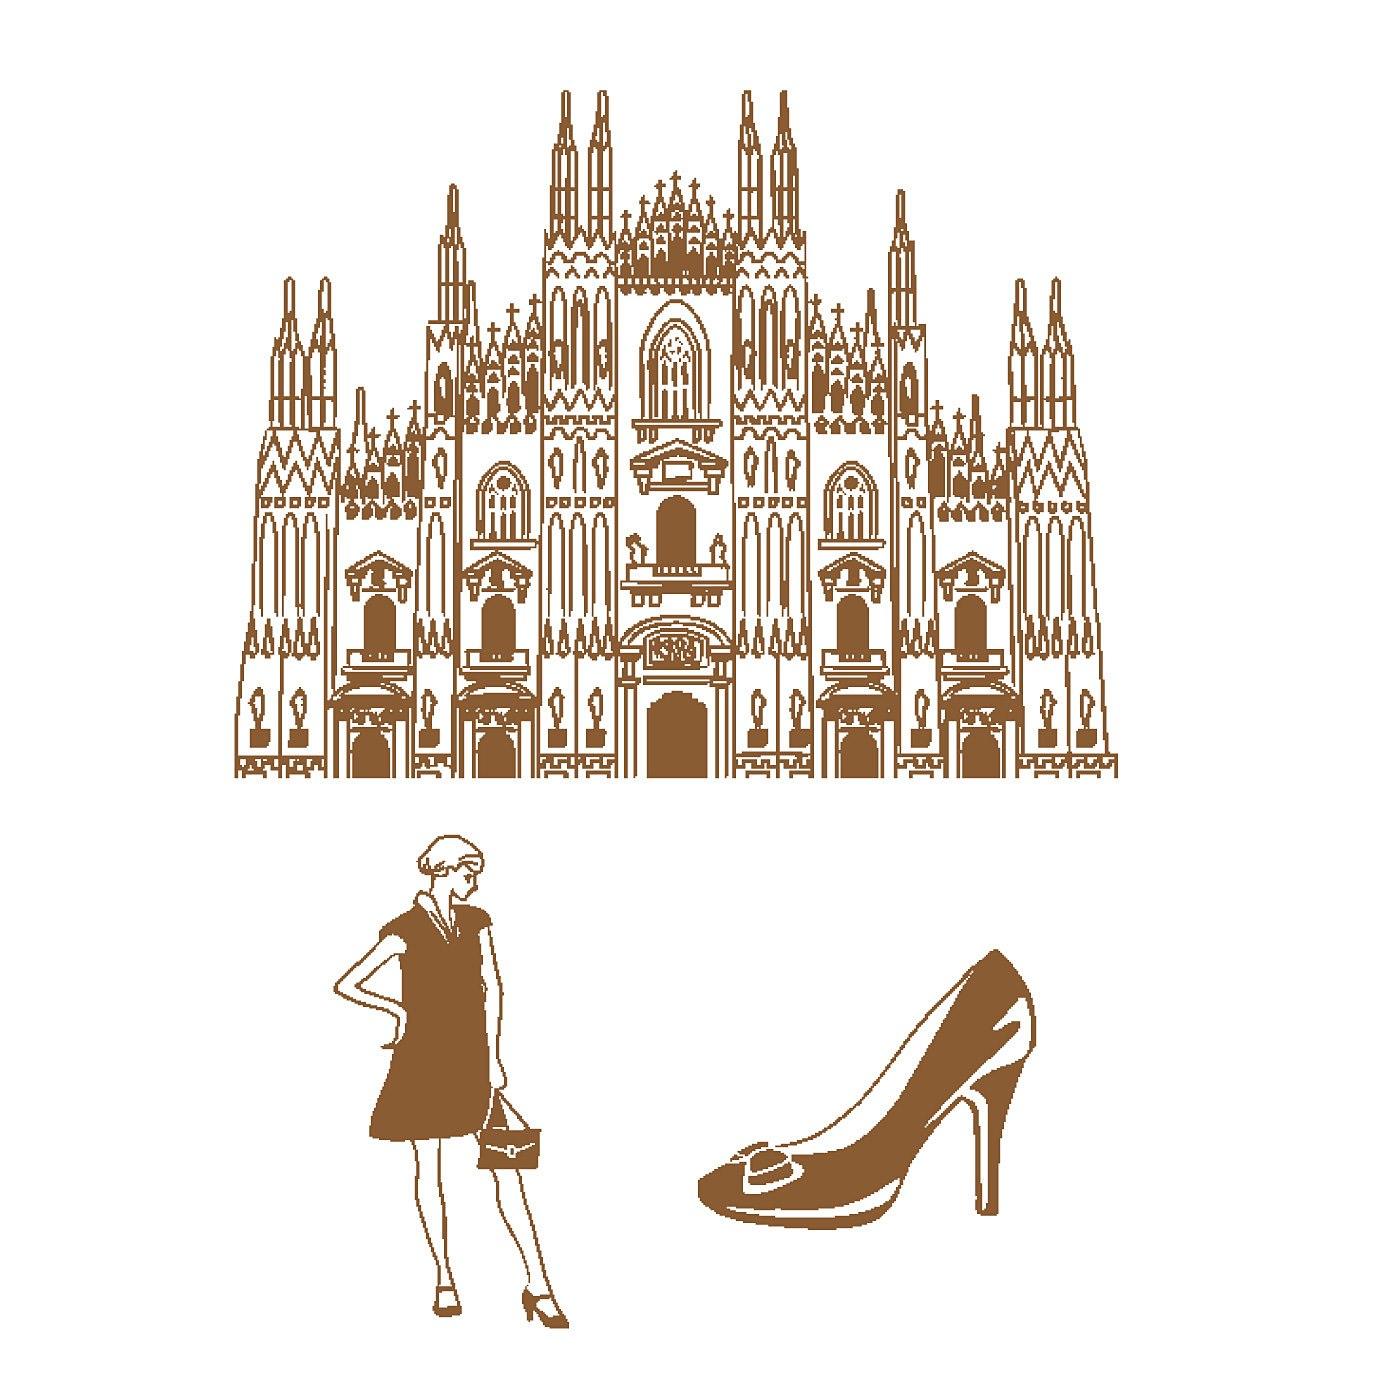 〈イタリア/ミラノ大聖堂〉